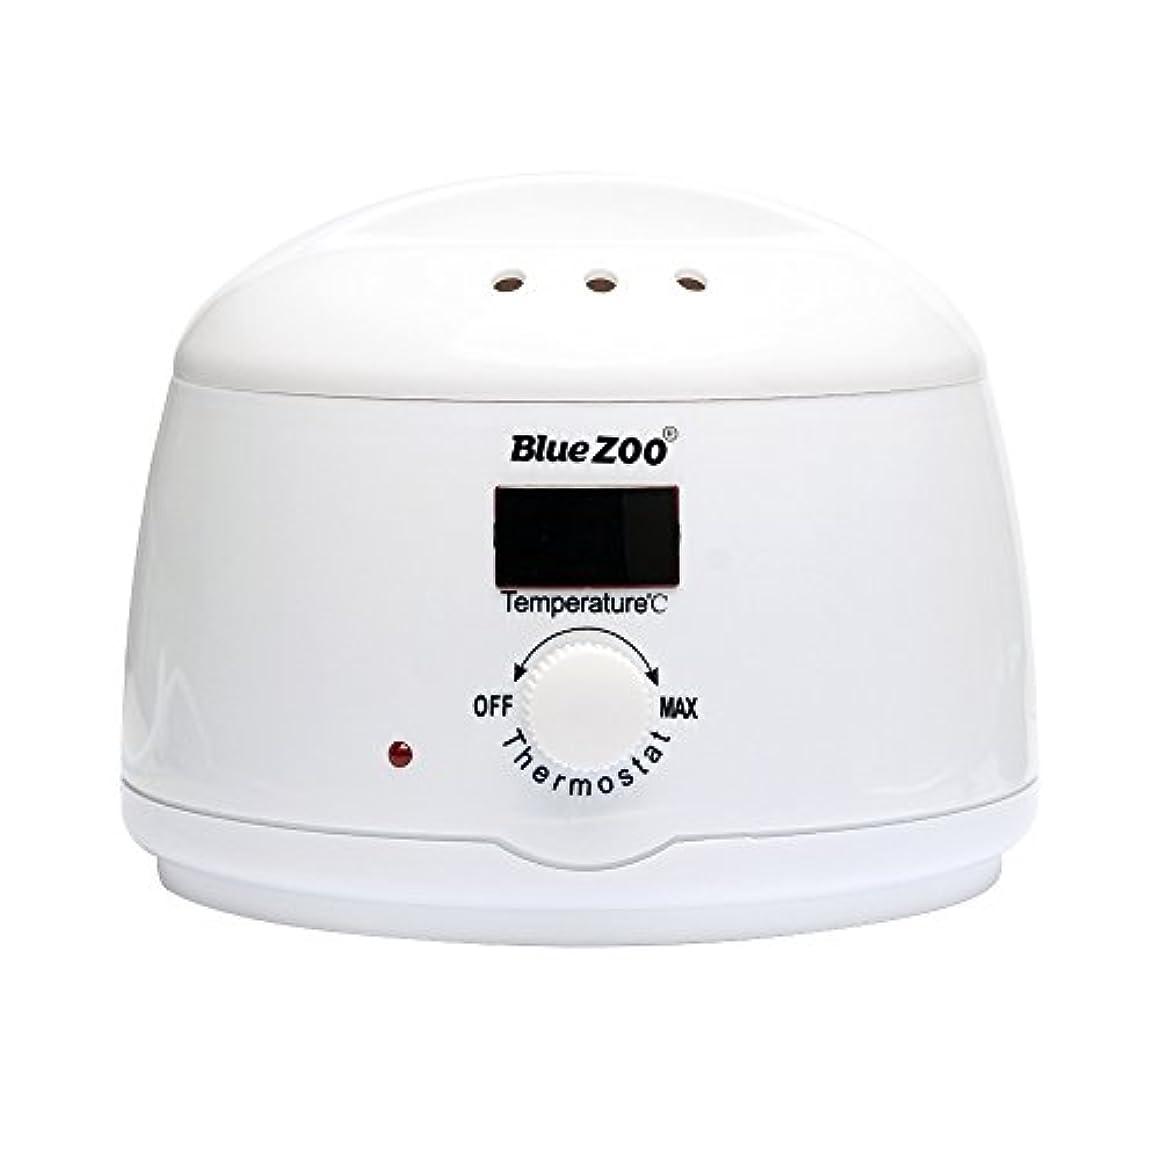 更新する市場レタッチRabugoo セクシー デジタル表示ワックス豆ワイマー脱毛ホットワックスヒーターマシン Digital display British regulations